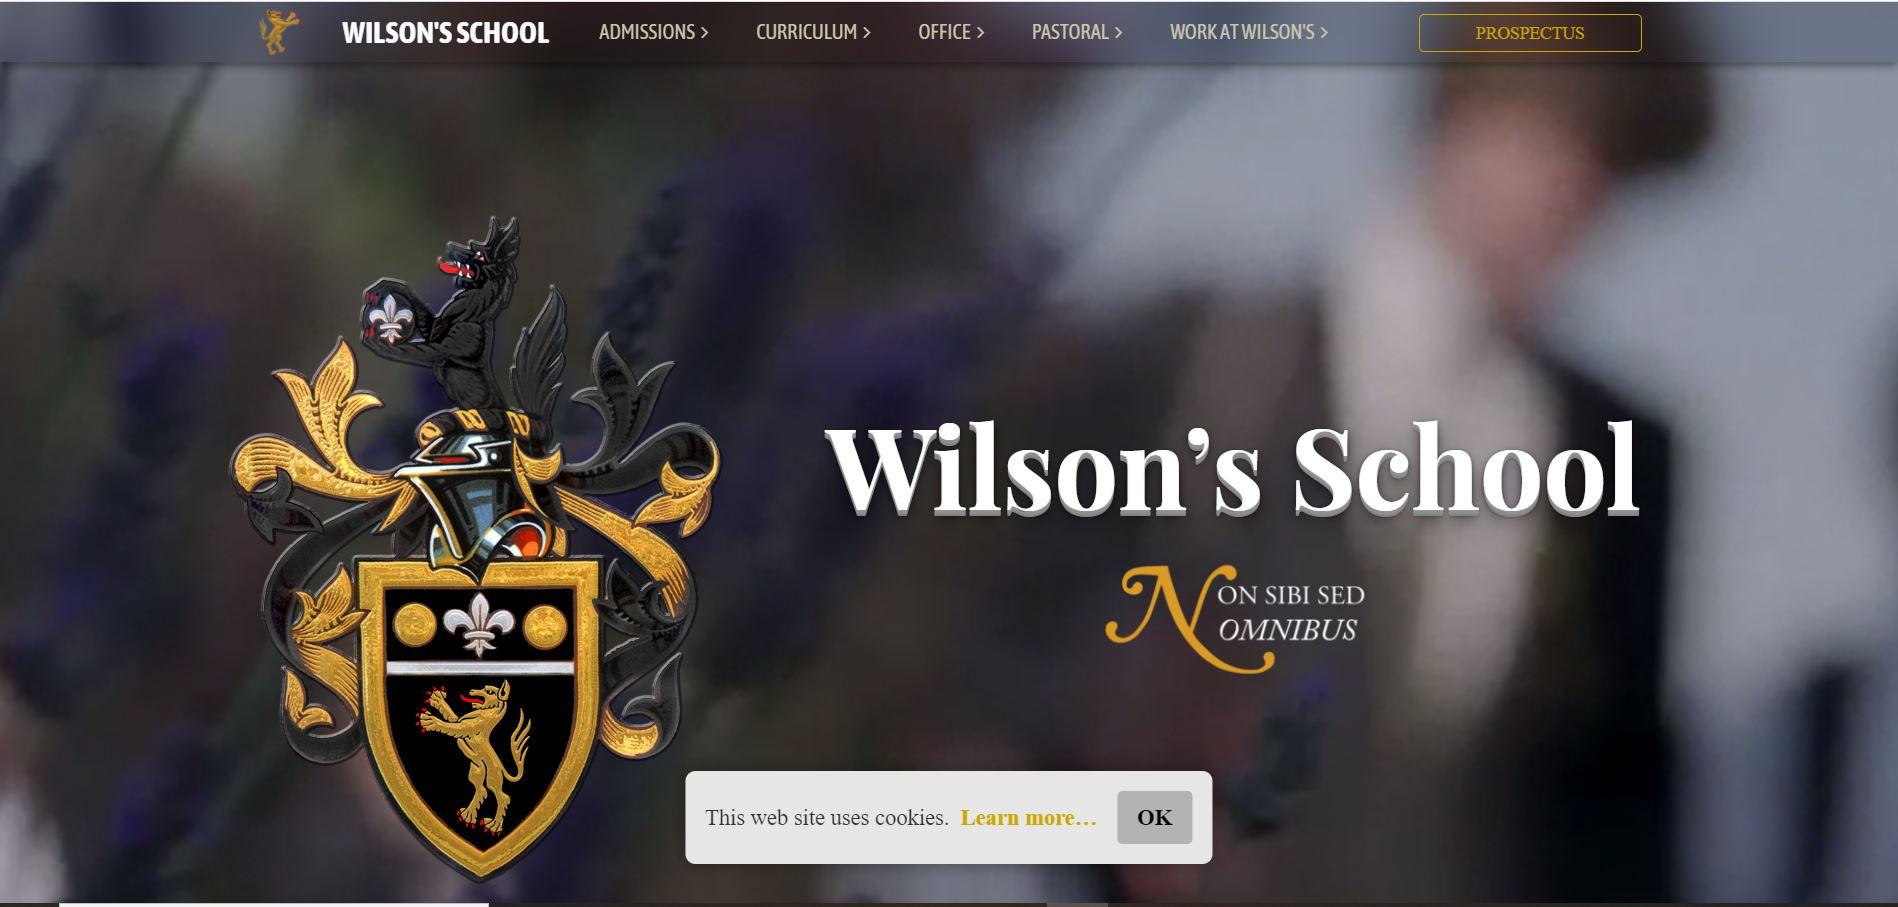 Wilson's school